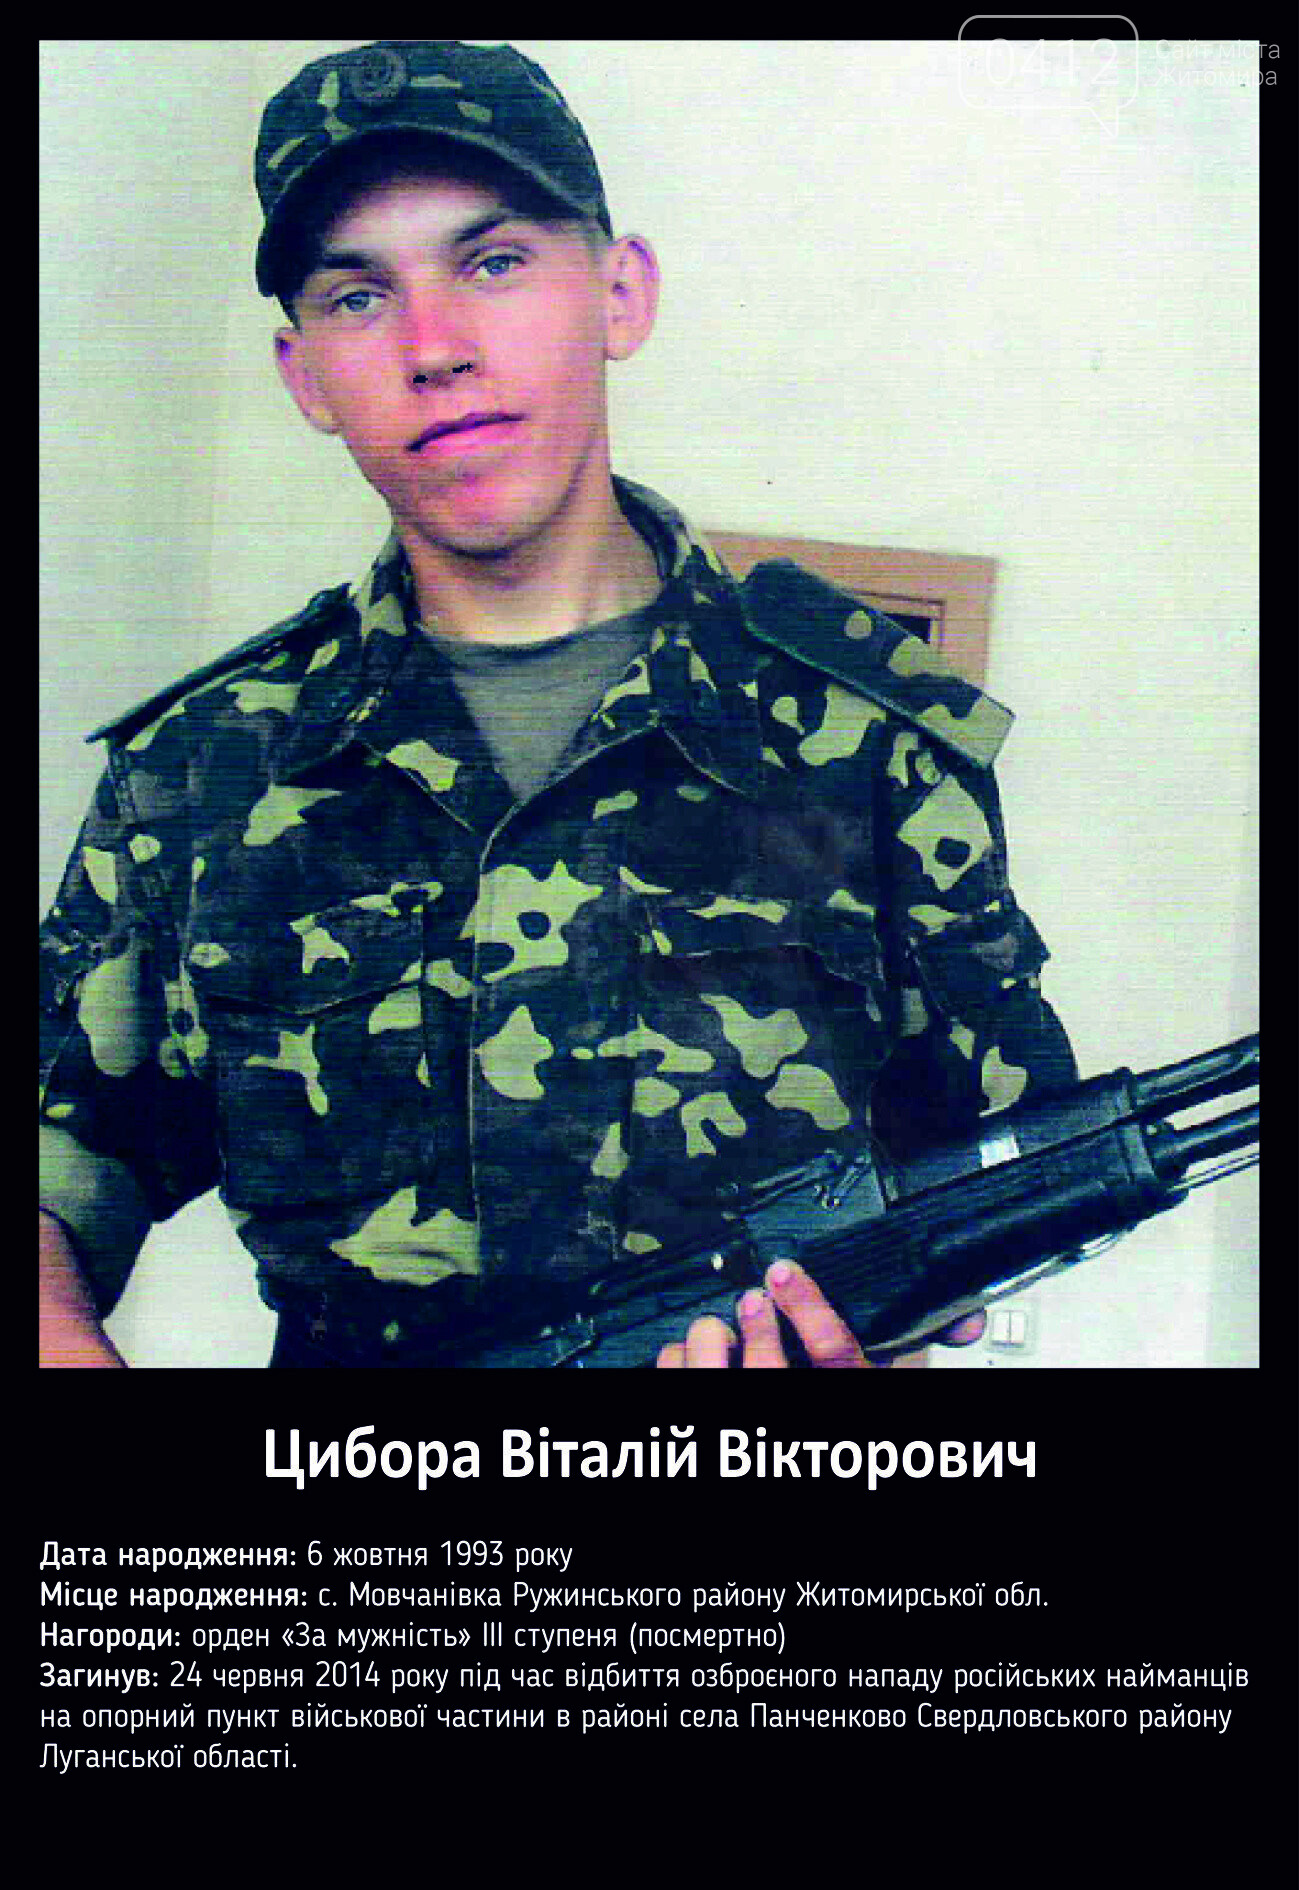 Житомирщина вшановує пам'ять Віталія Цибори, фото-1